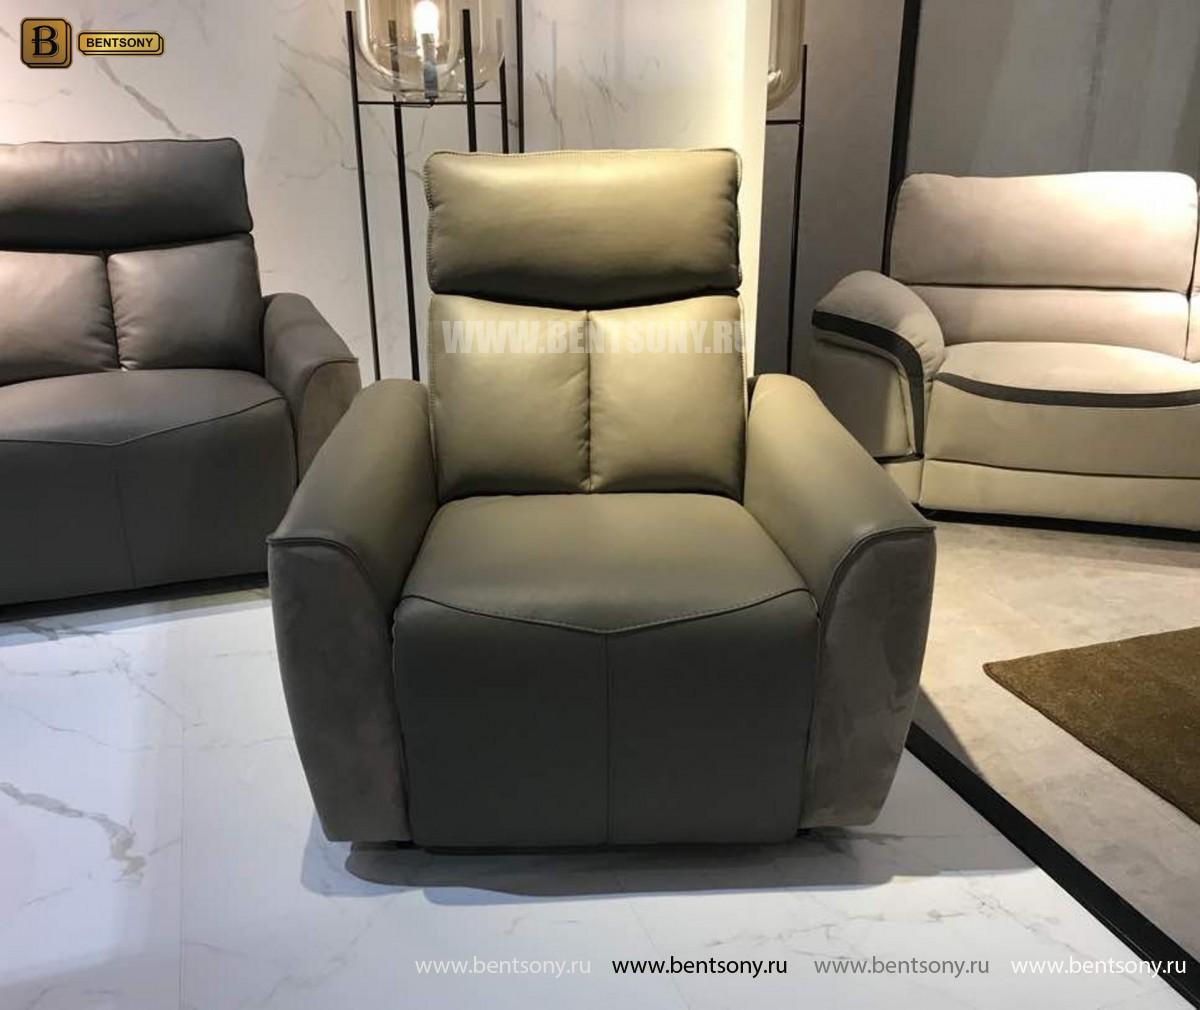 Кресло Тартуфо (Реклайнер, Натуральная Кожа, Алькантара) каталог мебели с ценами